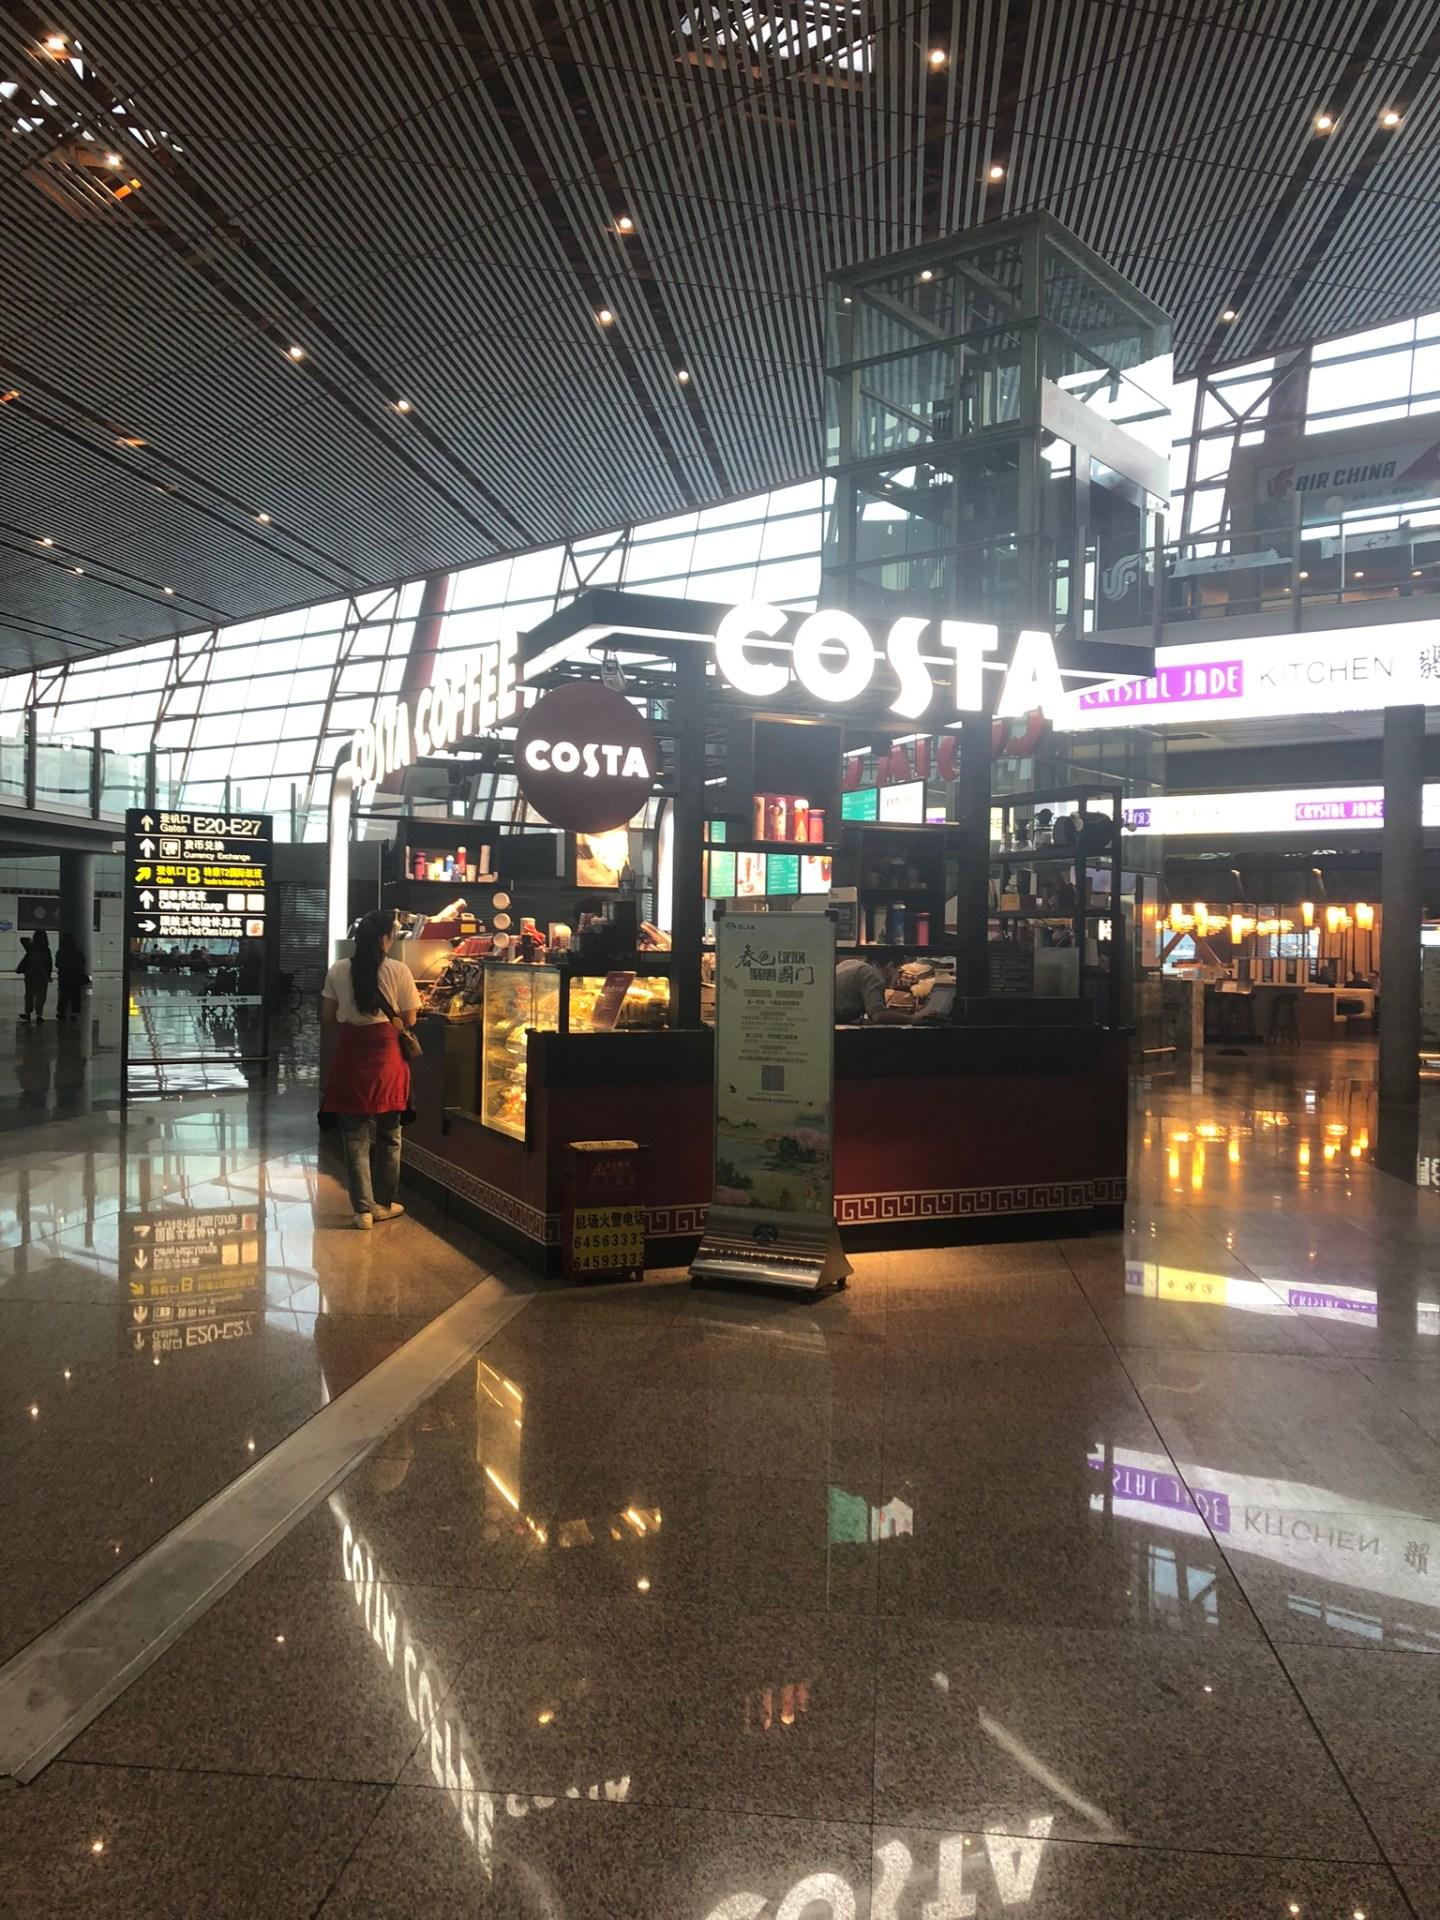 Costa in Beijing Airport